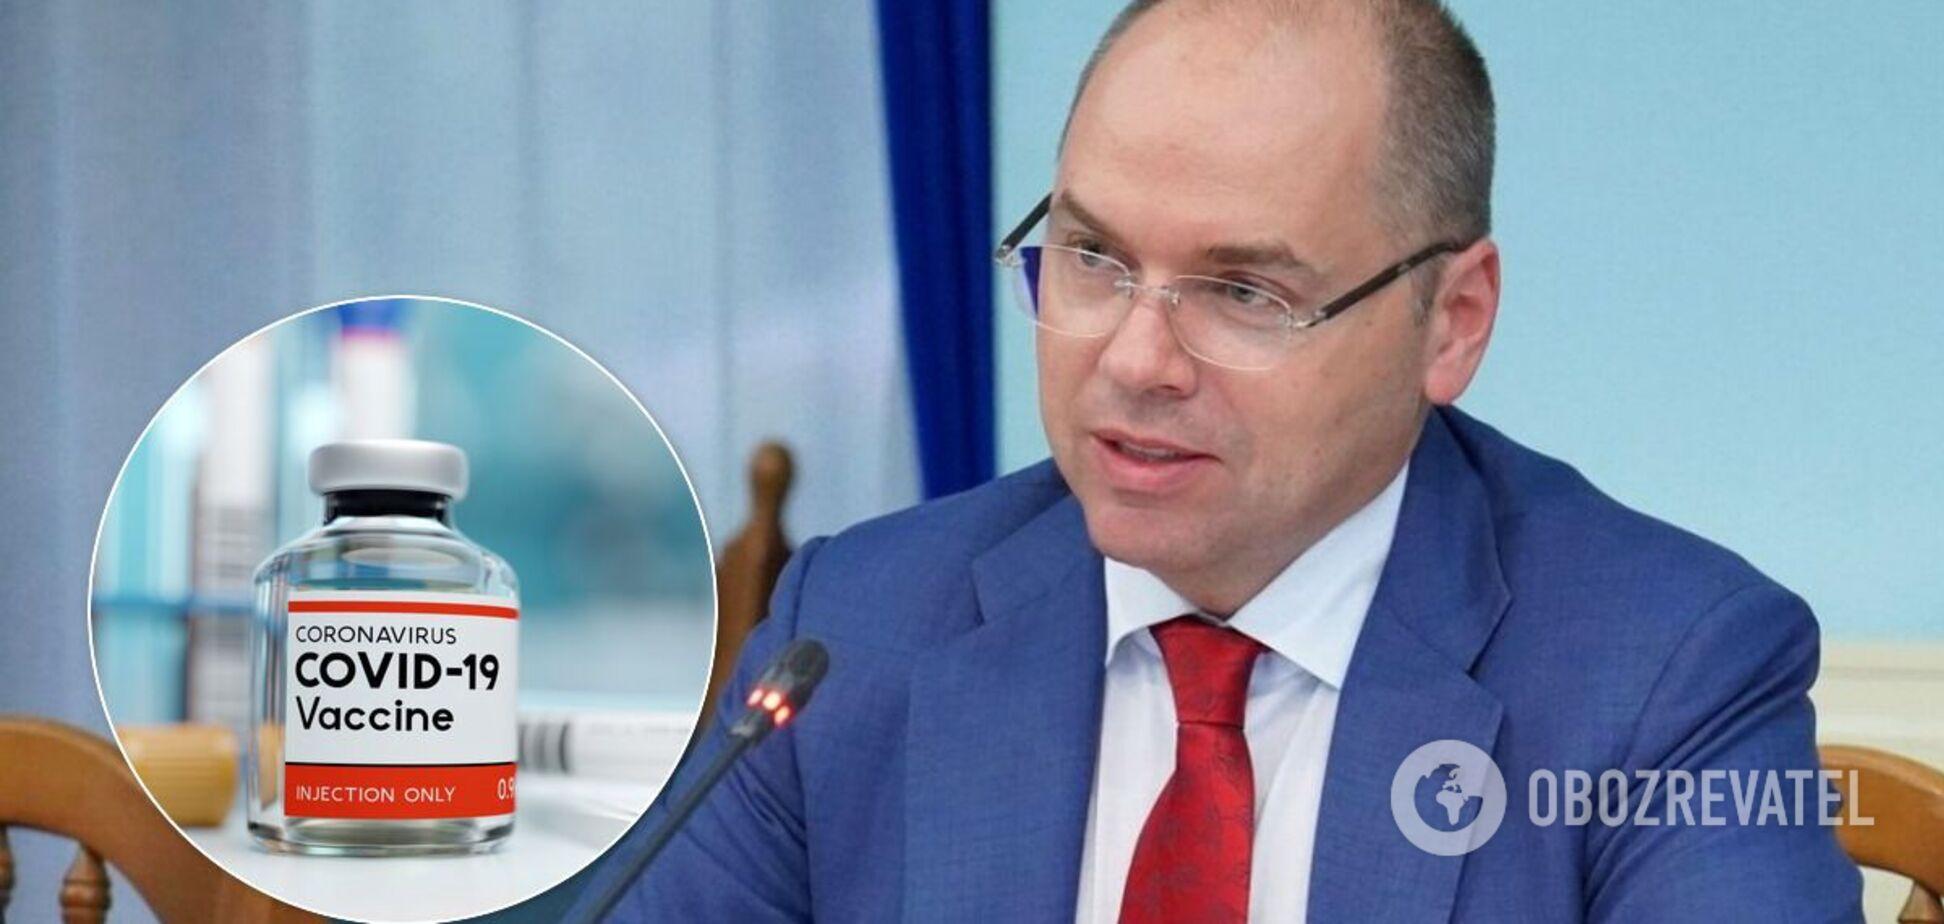 Степанов рассказал об украинской вакцине от COVID-19